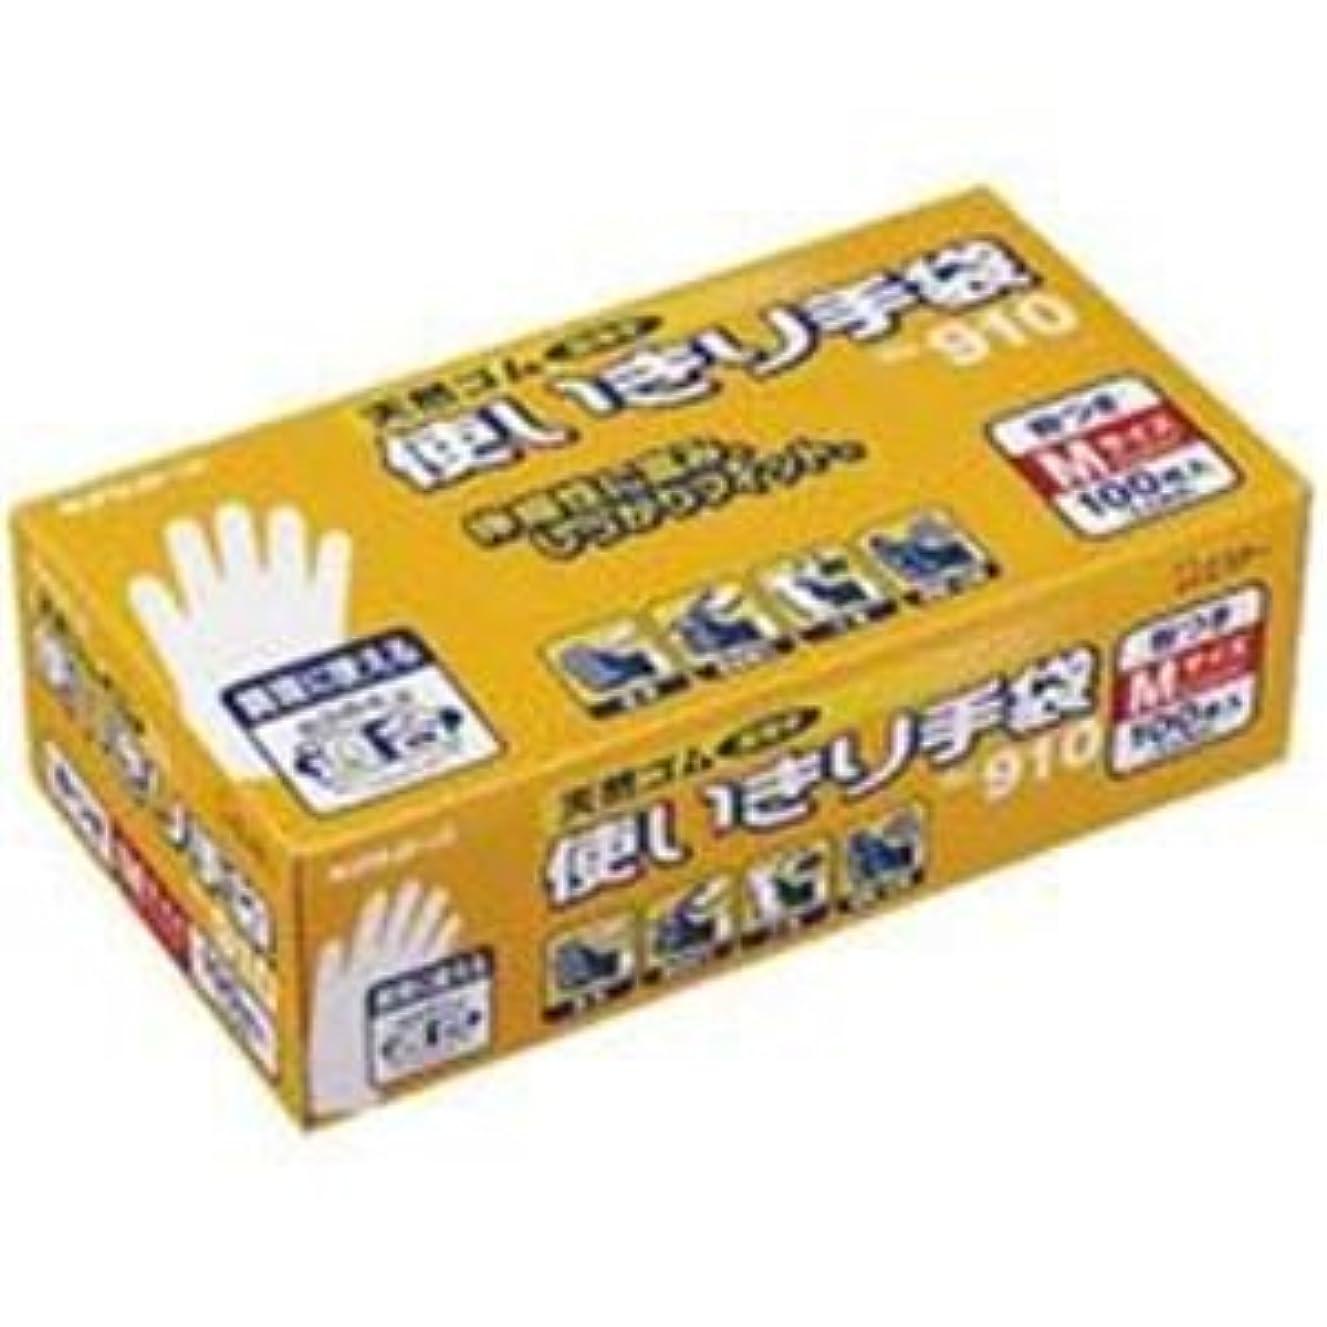 フロンティア反対した選択エステー 天然ゴム使い切り手袋/作業用手袋 [No.910/M 12箱]